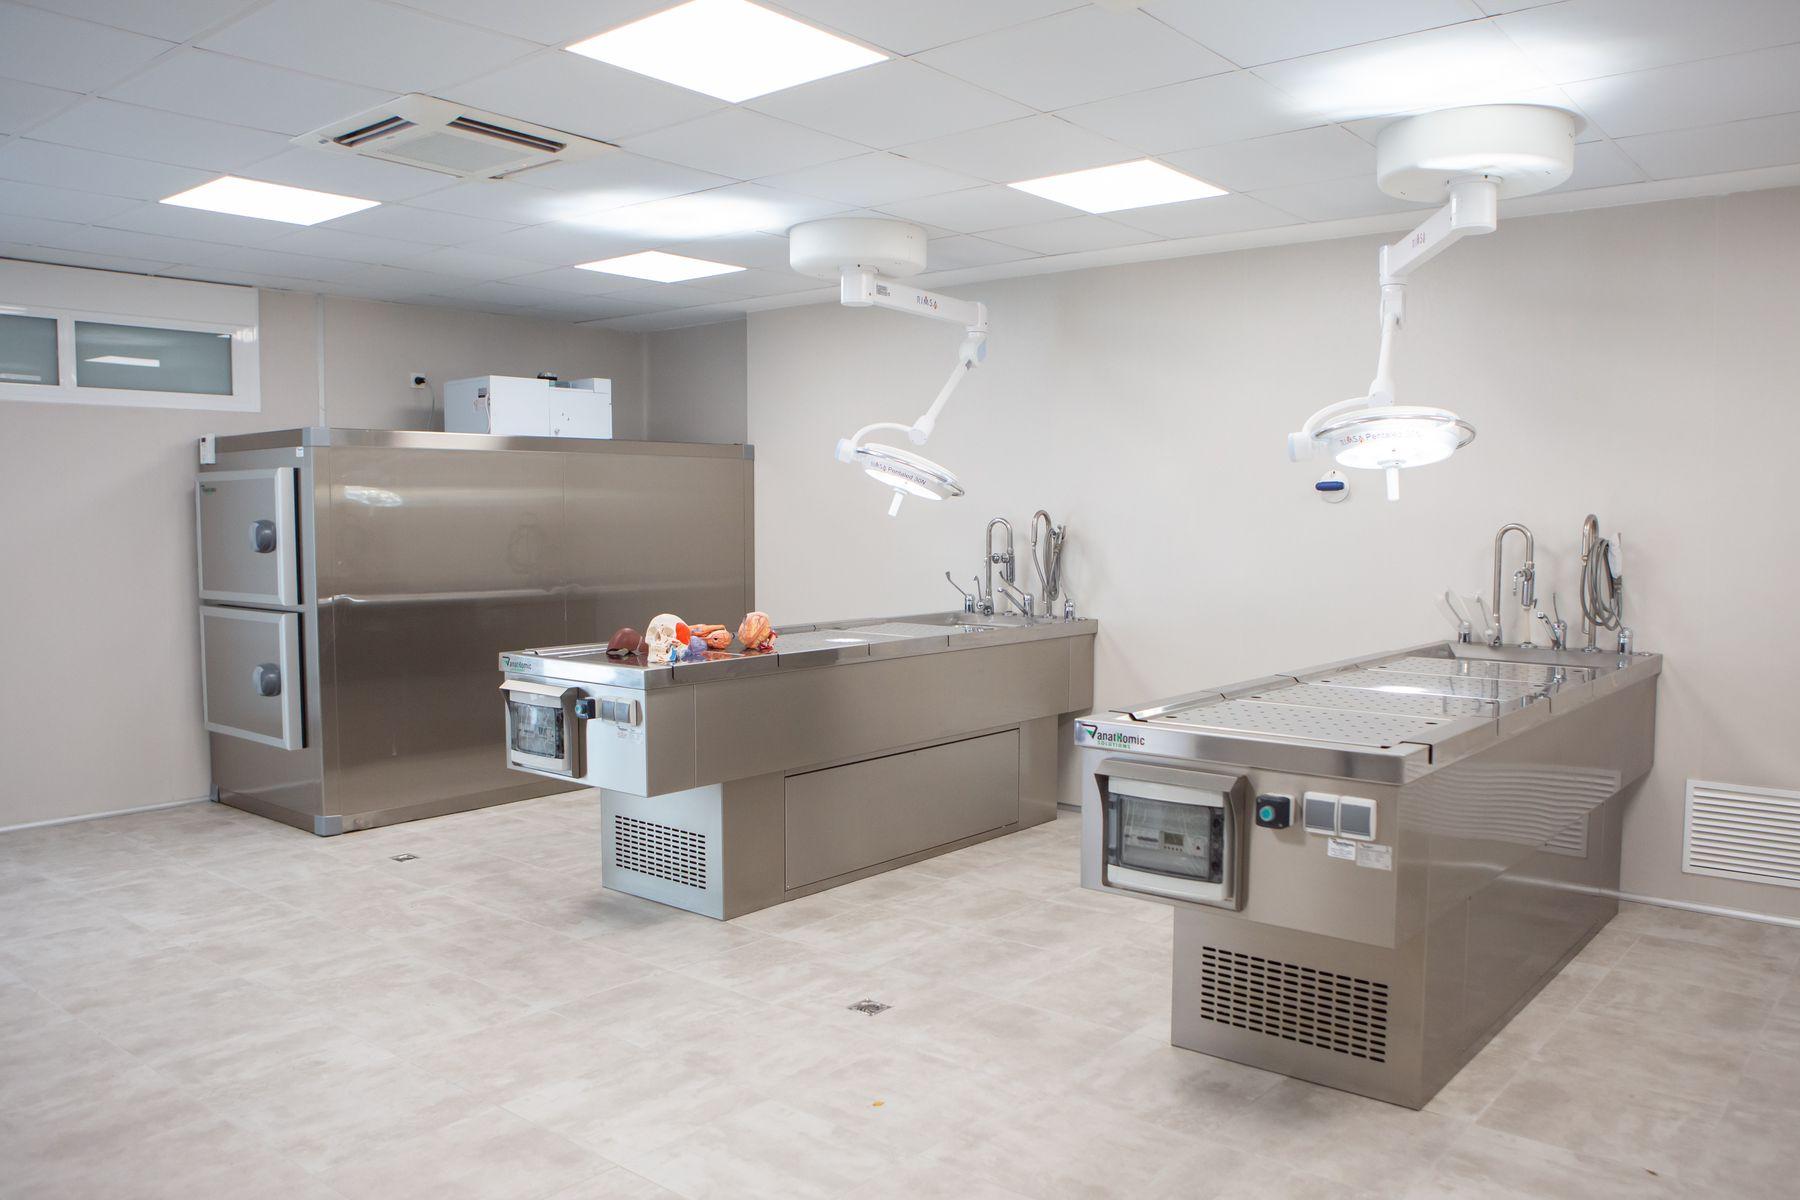 Vista general de la sala de disección de cadáveres con cámaras frigoríficas, mesas de tanatopraxia y lavamanos.